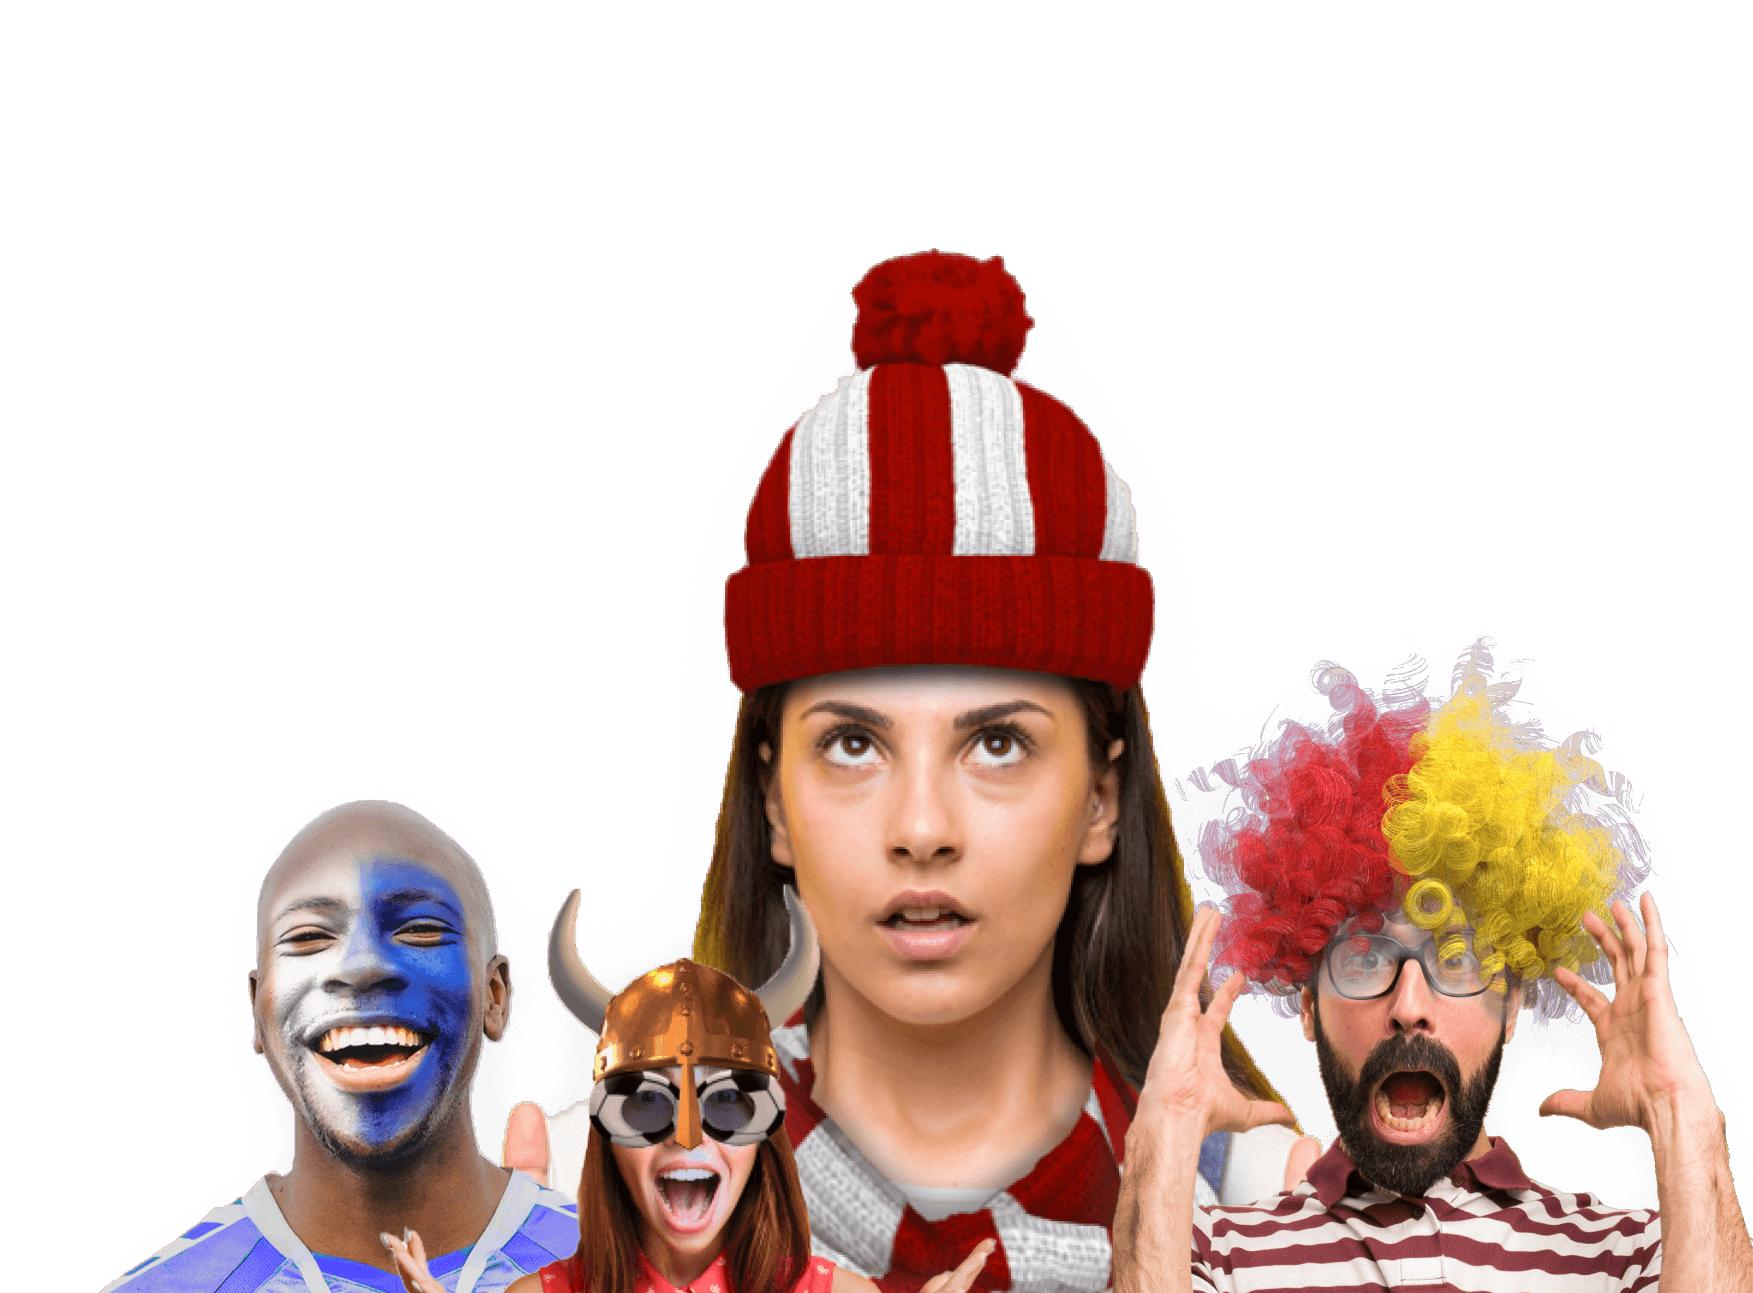 Faces showing DeepAR face filters